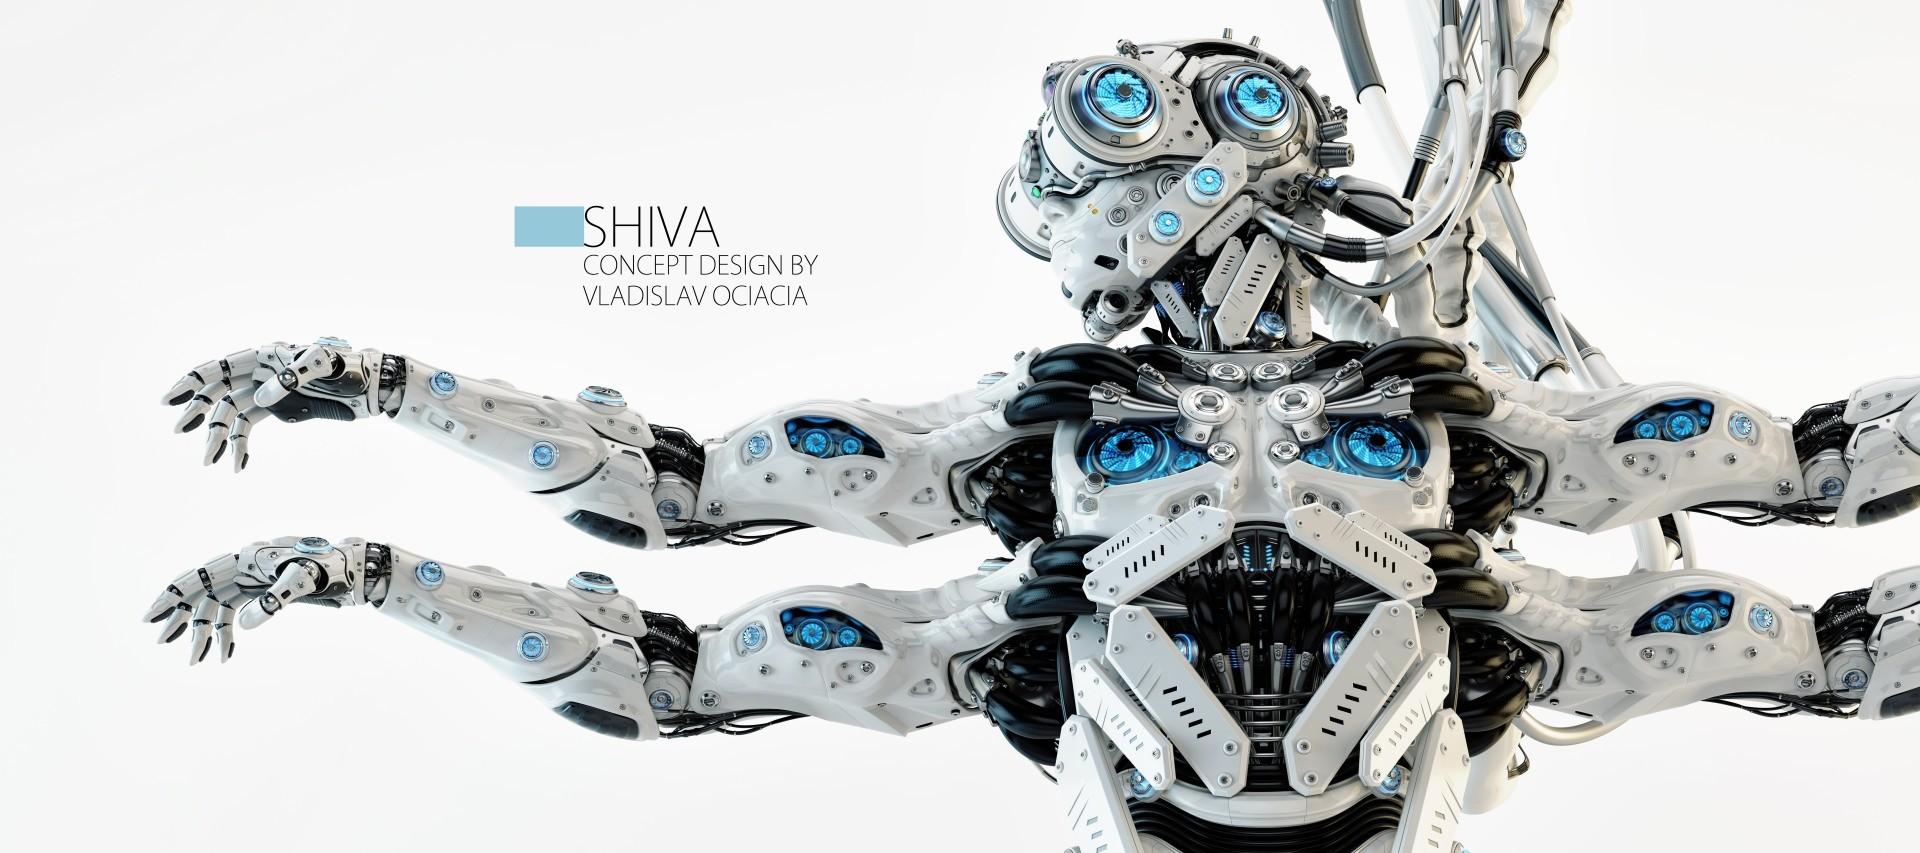 Vladislav ociacia robot god shiva 2